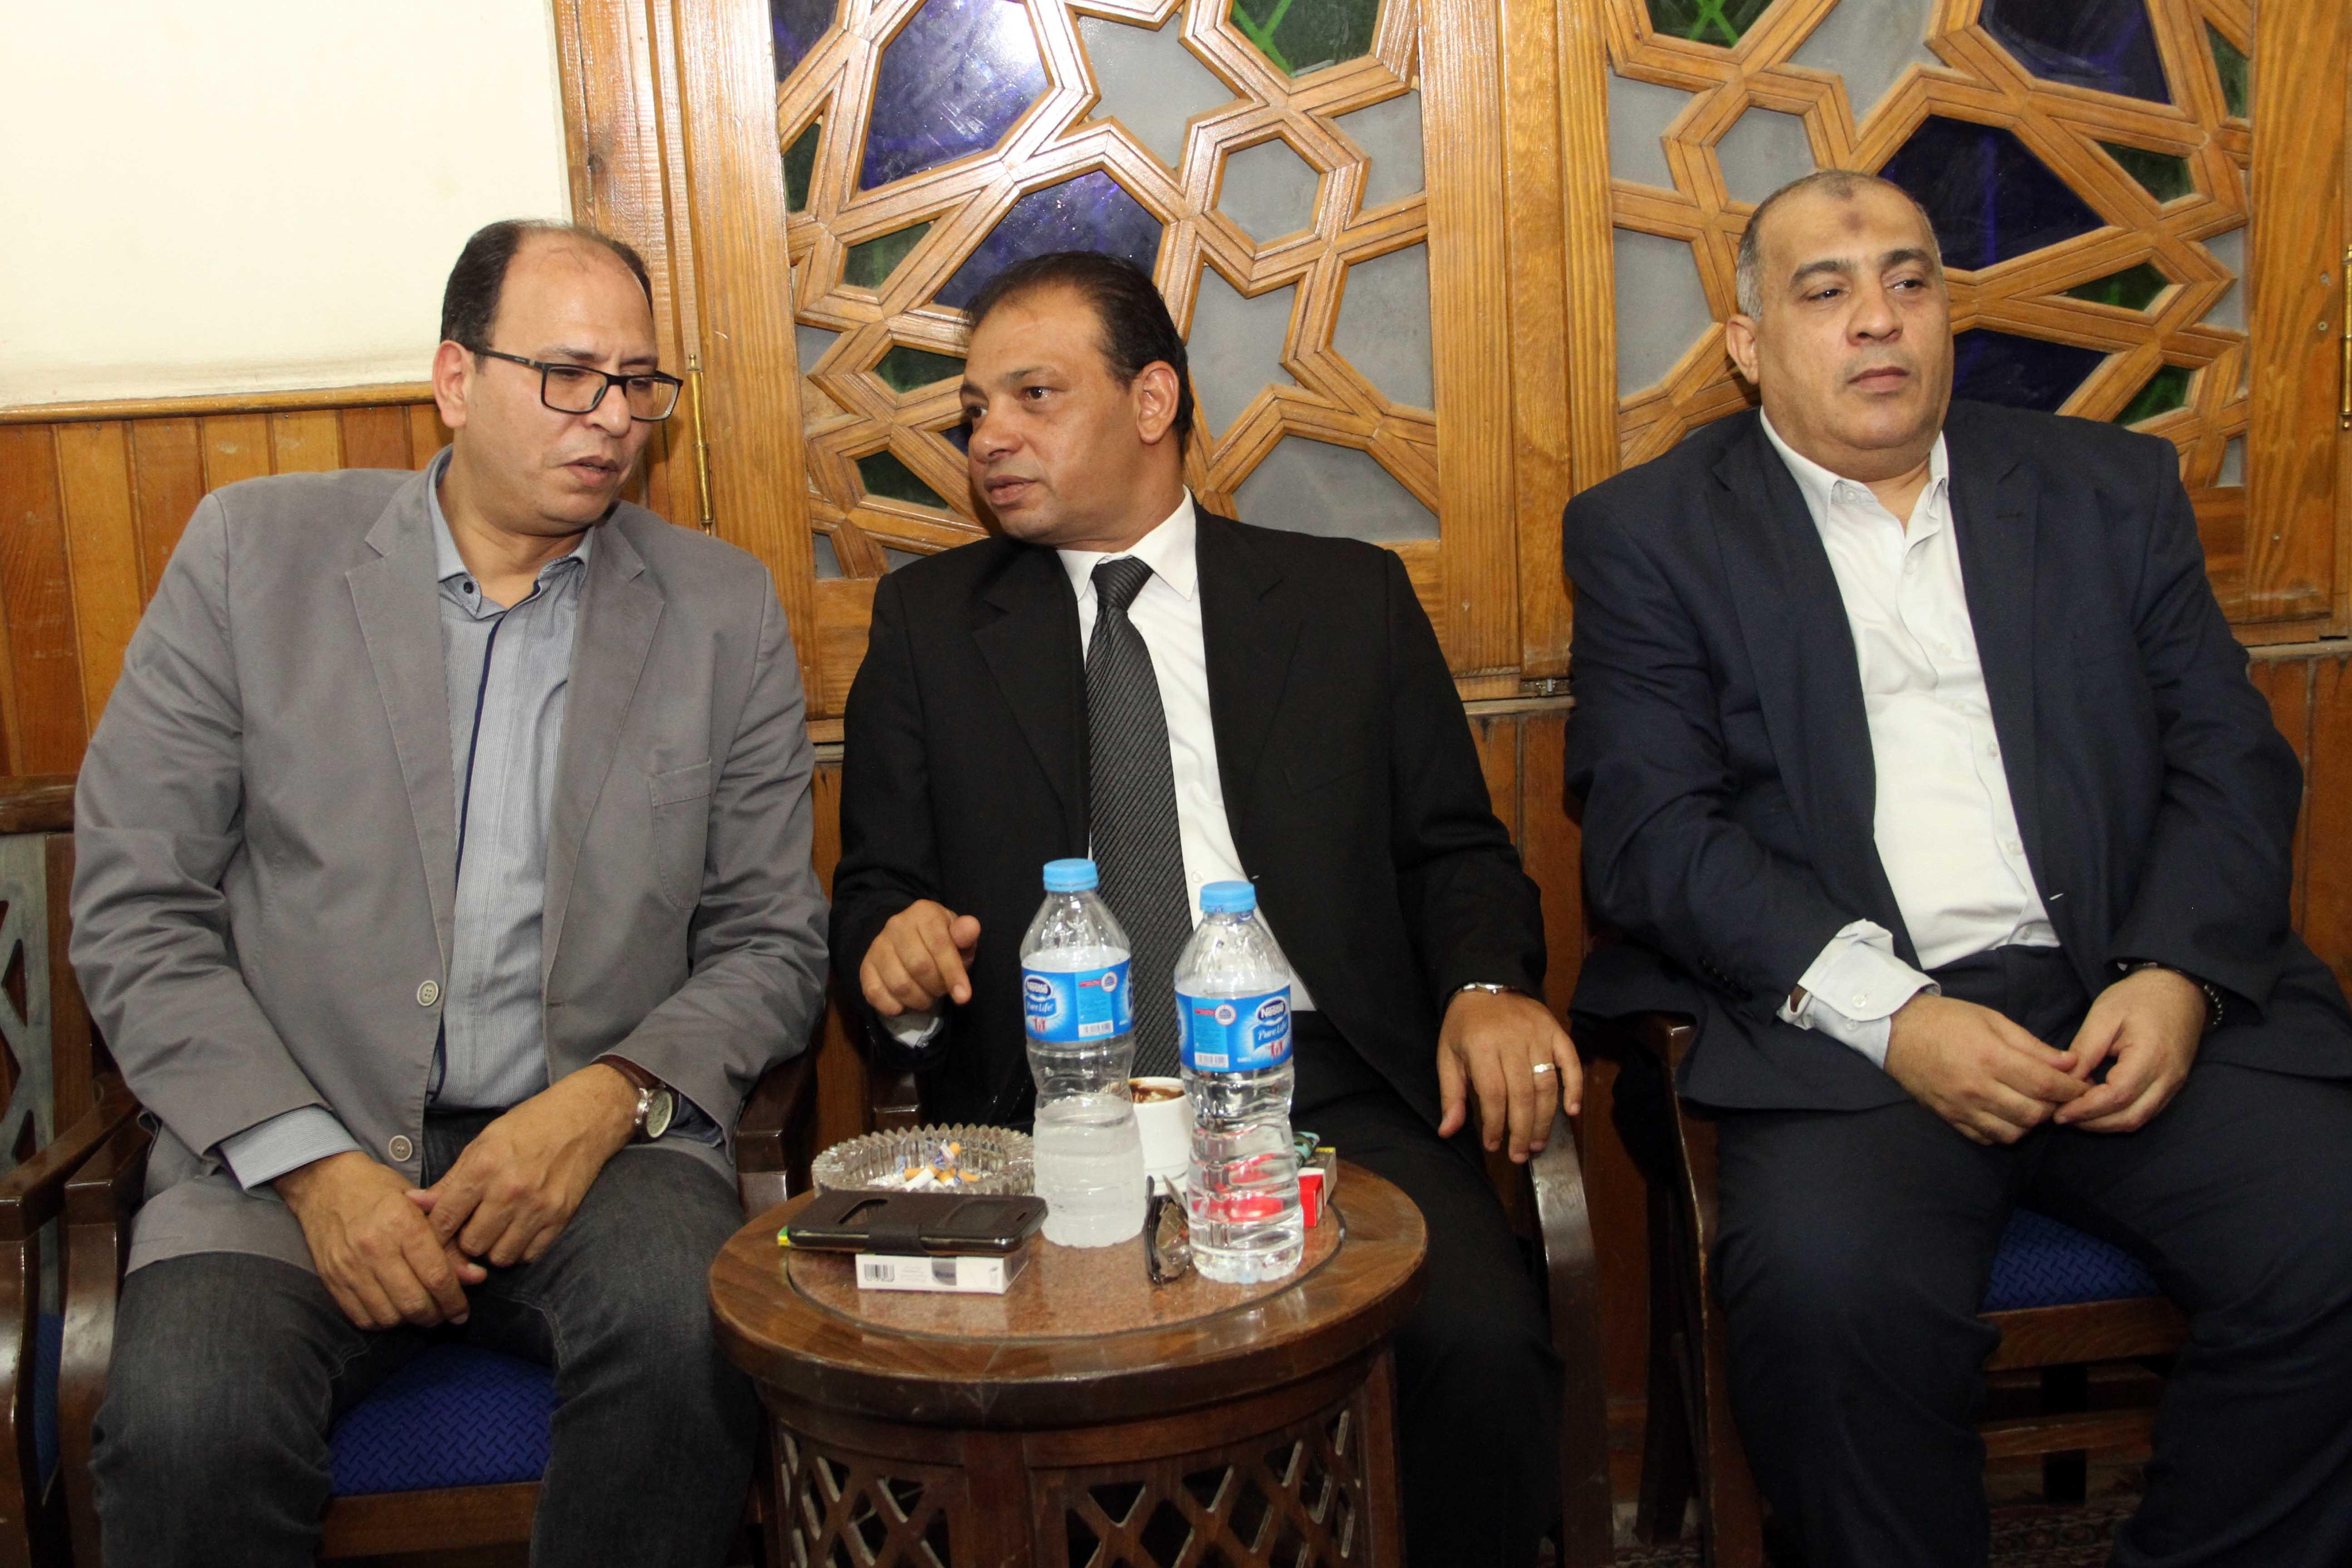 اسامة بهنسى ومجدى لاشين والكاتب الصحفى الكبير عادل السنهورى